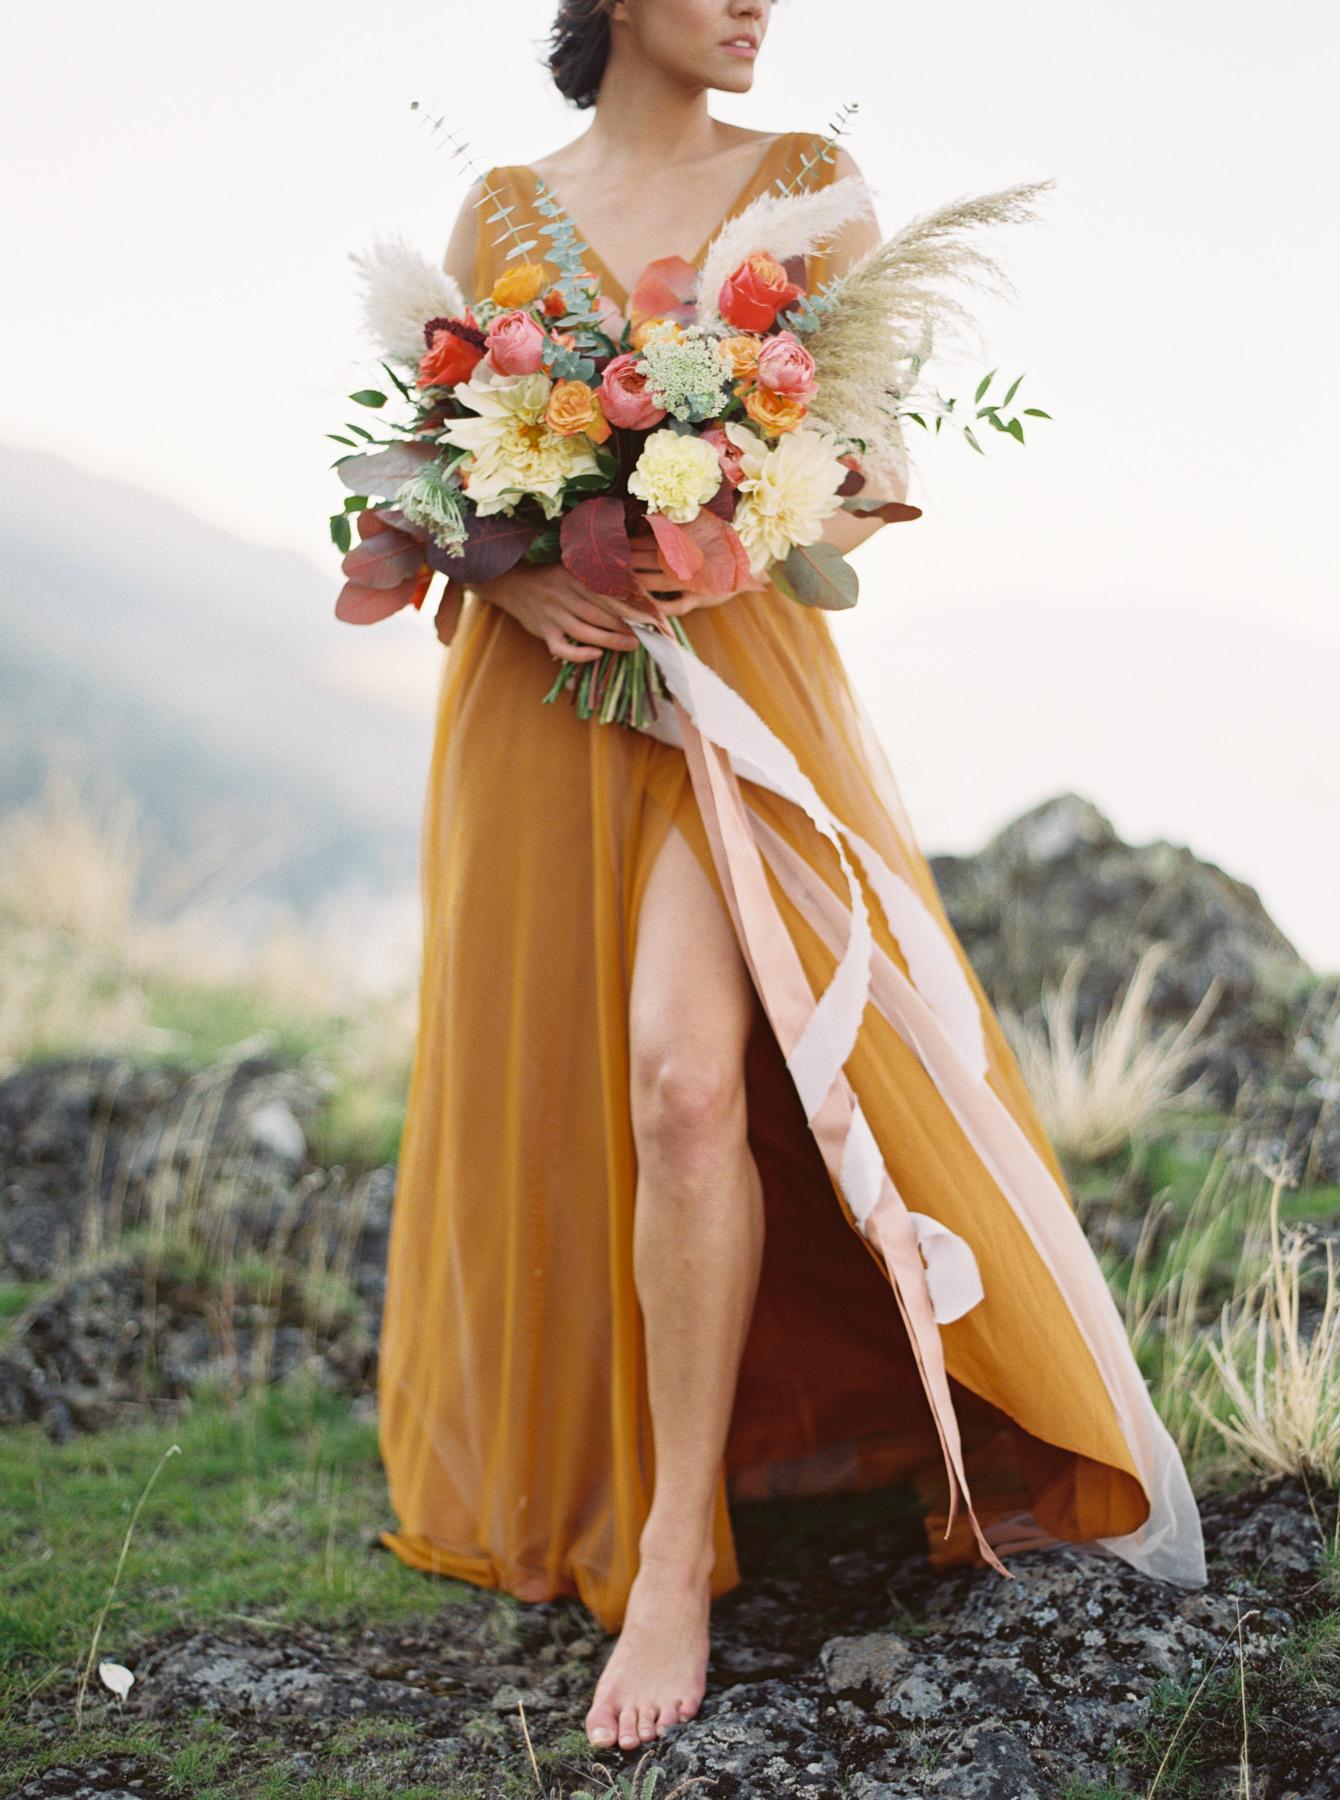 Carlos-Hernandez-Fine-Art-Film-Wedding-Editorial-Photography-Portland-Oregon-Columbia-Gorge-Fall-021